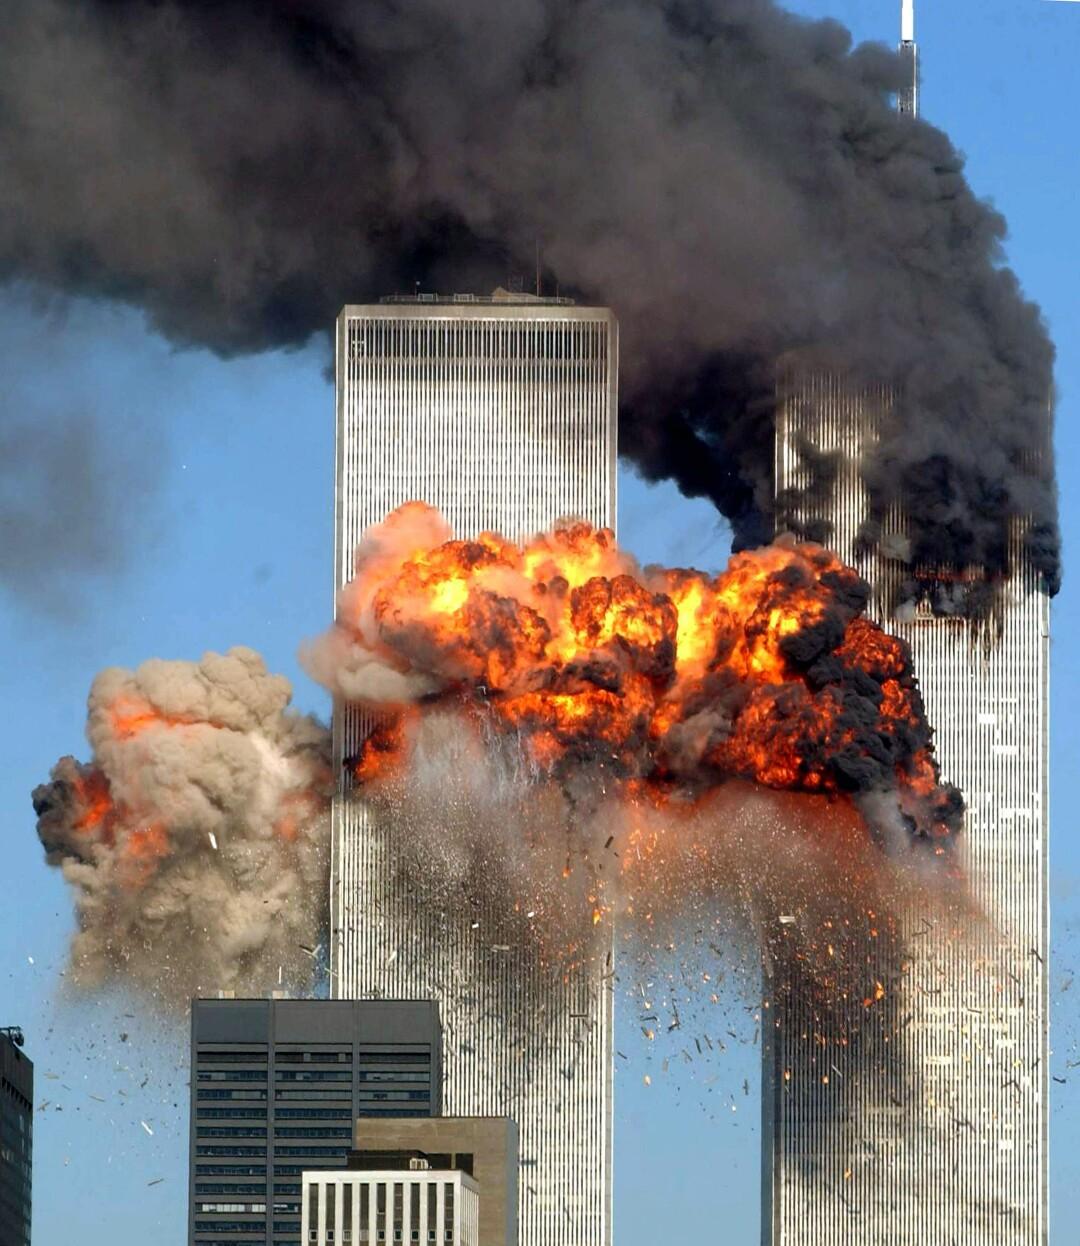 انفجاری از برج در سمت چپ و دود سیاه از برج در سمت راست می ریزد